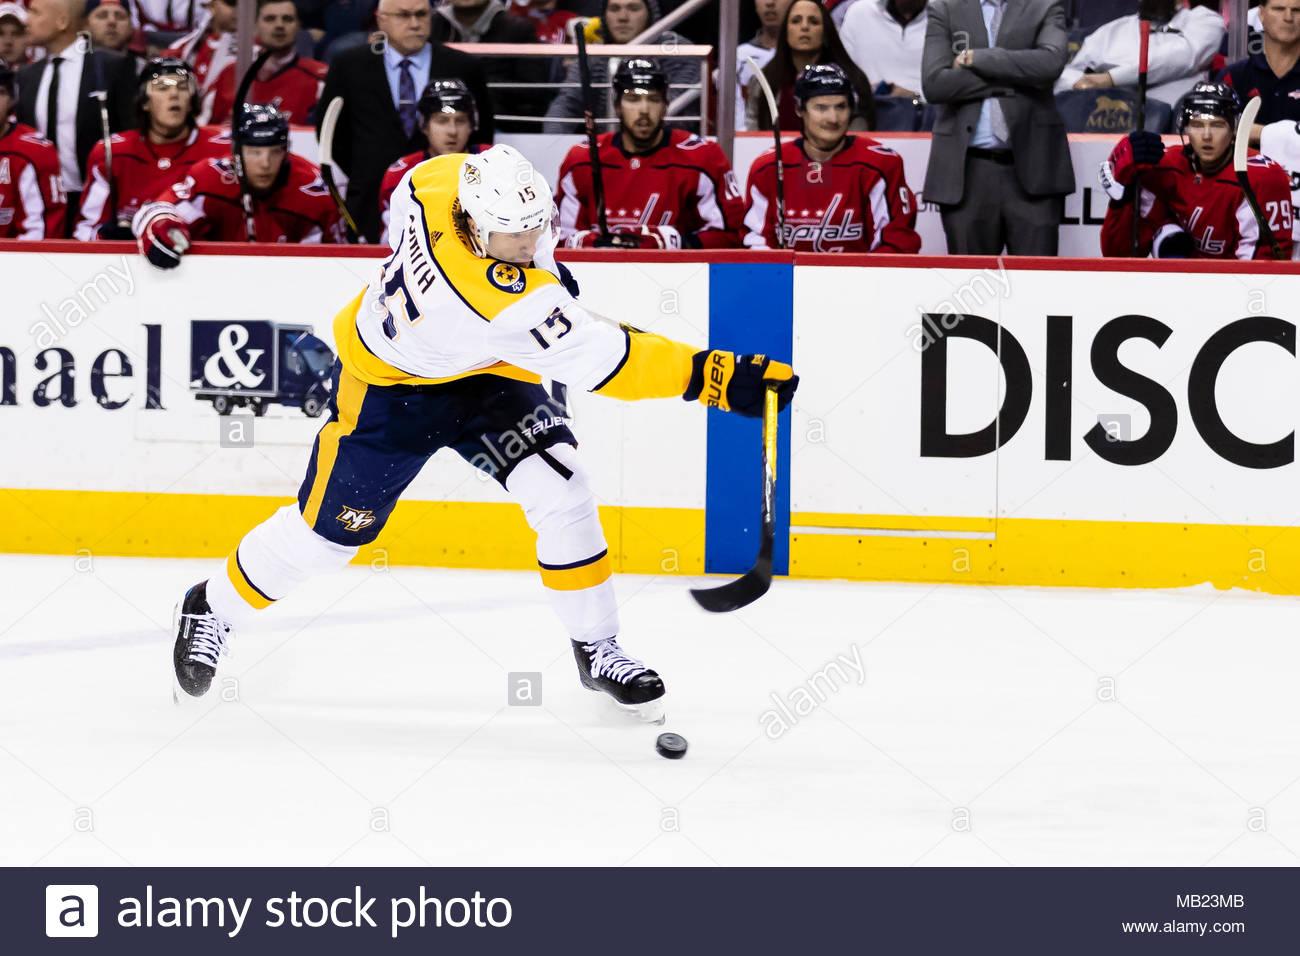 The Hockey Arena Right Stock Photos   The Hockey Arena Right Stock ... c68b4ecc25b4